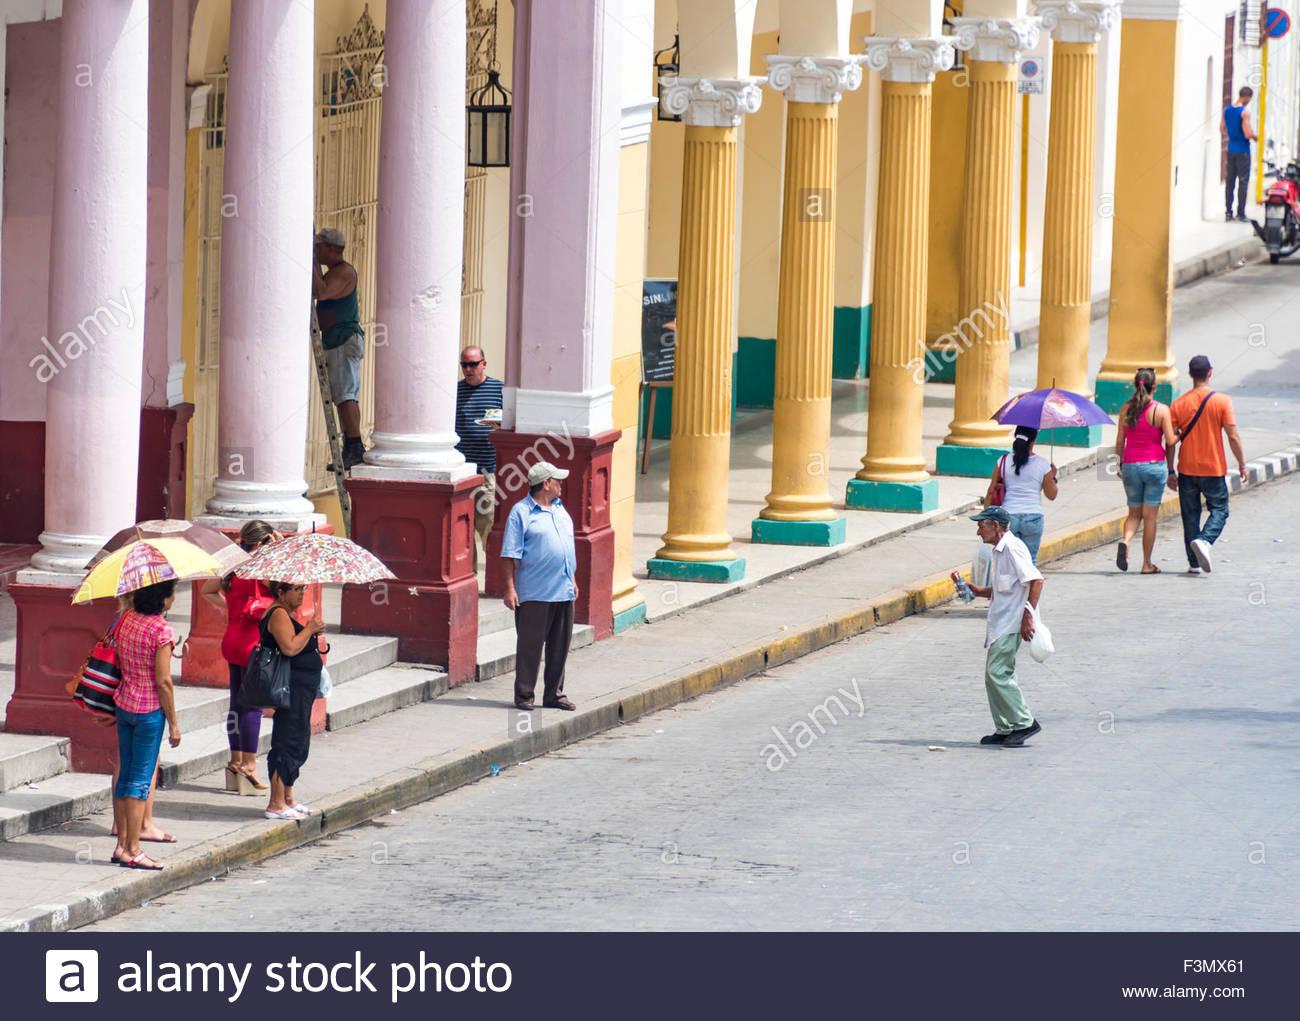 Architettura coloniale spagnola e la vita quotidiana a Cuba giganteschi pilastri rotondi di un vecchio edificio Immagini Stock